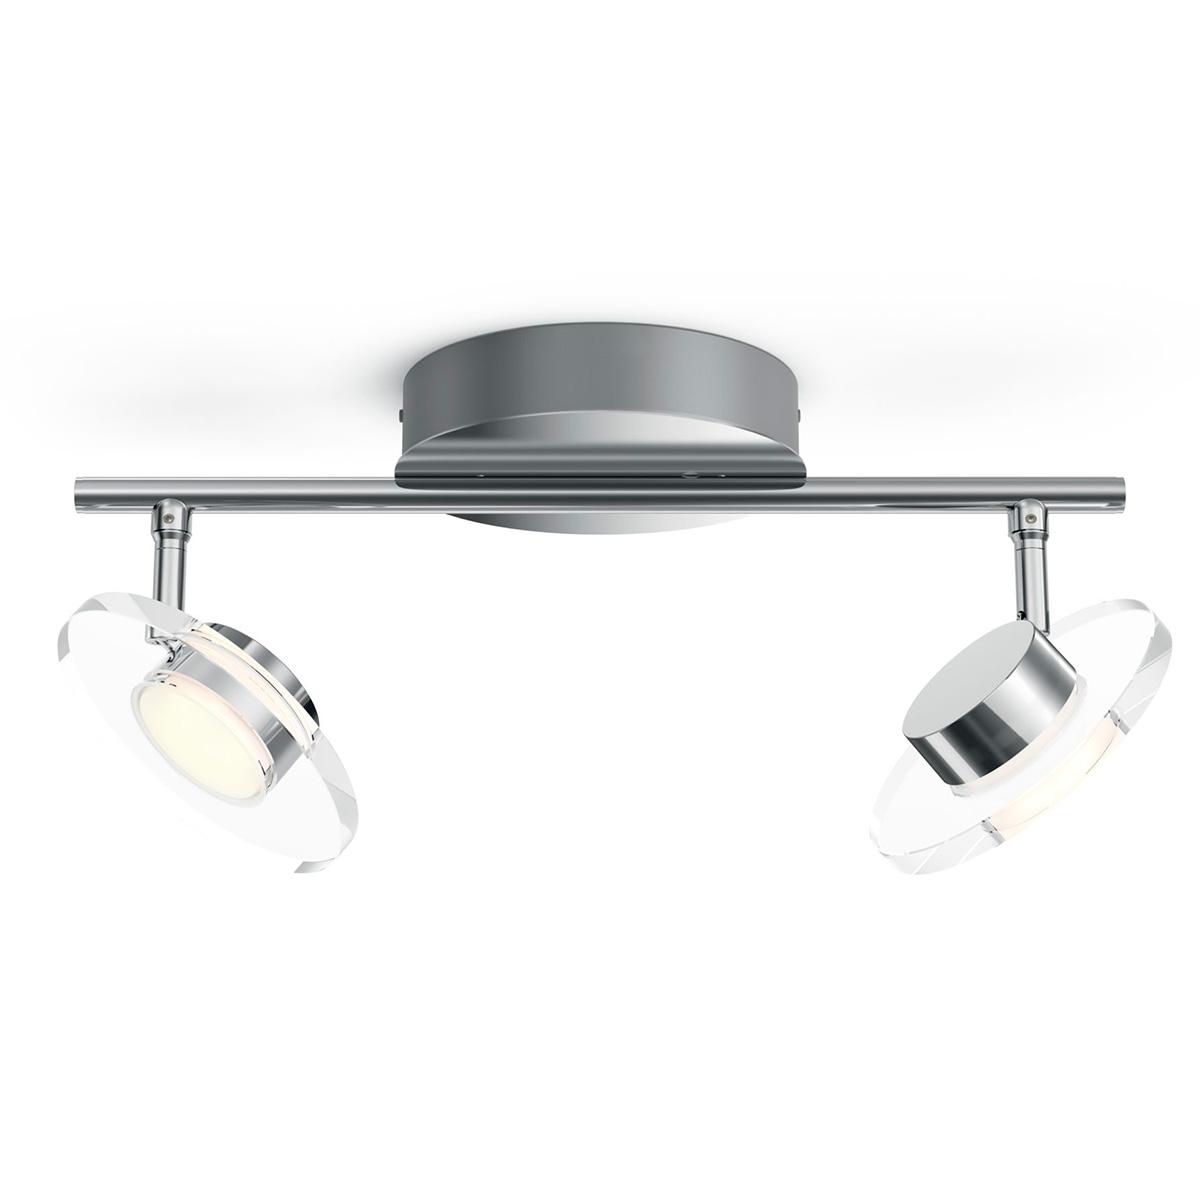 Billede af Philips myLiving loftlampe med spot - Glissette - Krom